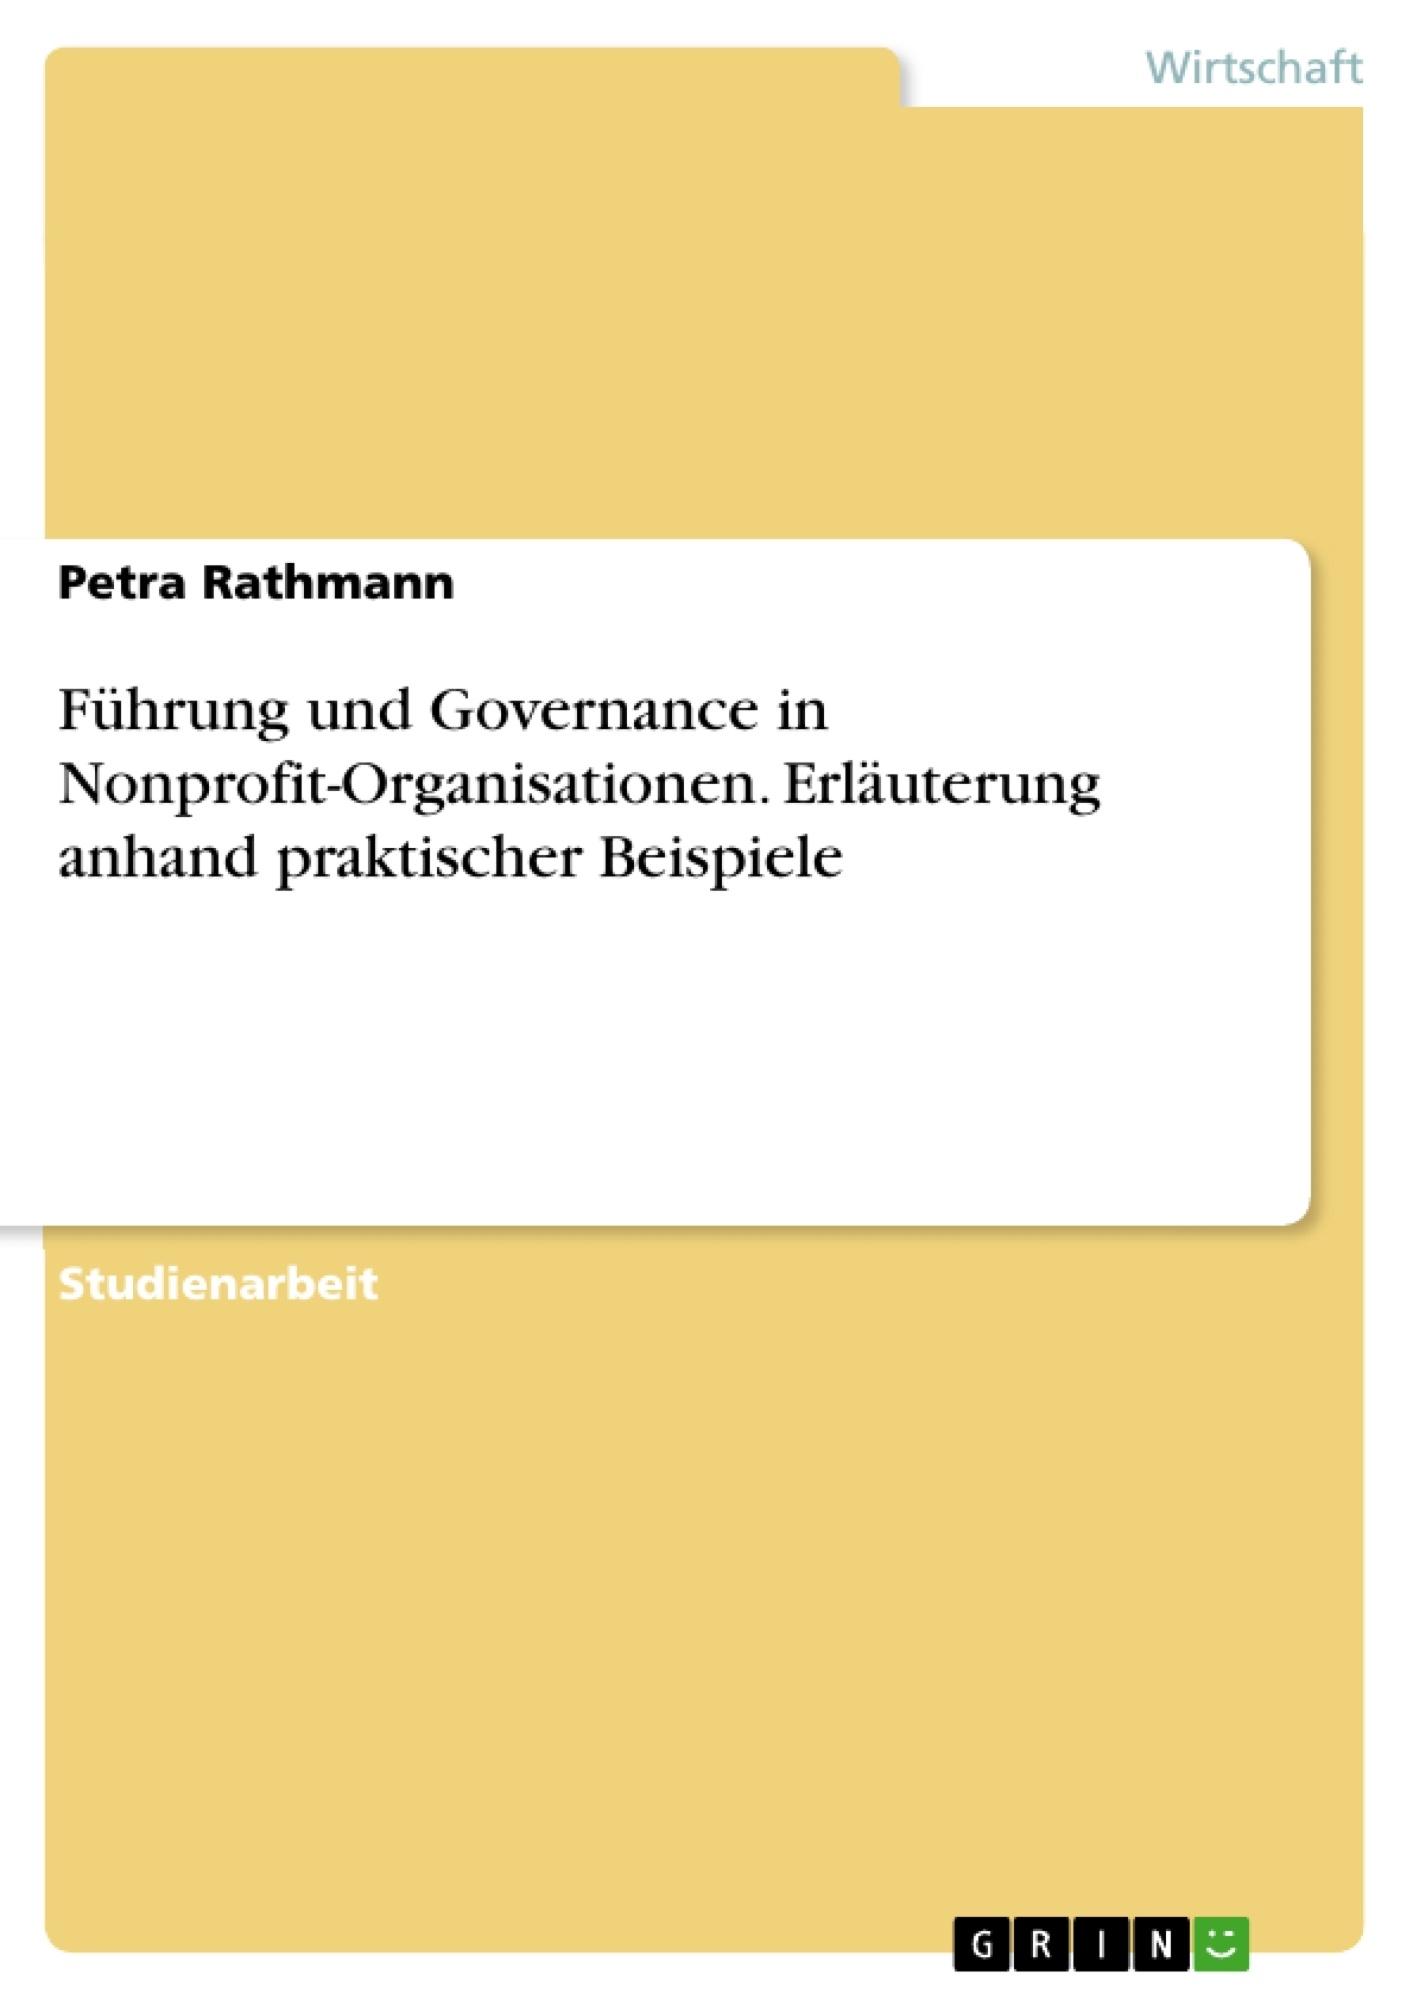 Titel: Führung und Governance in Nonprofit-Organisationen. Erläuterung anhand praktischer Beispiele